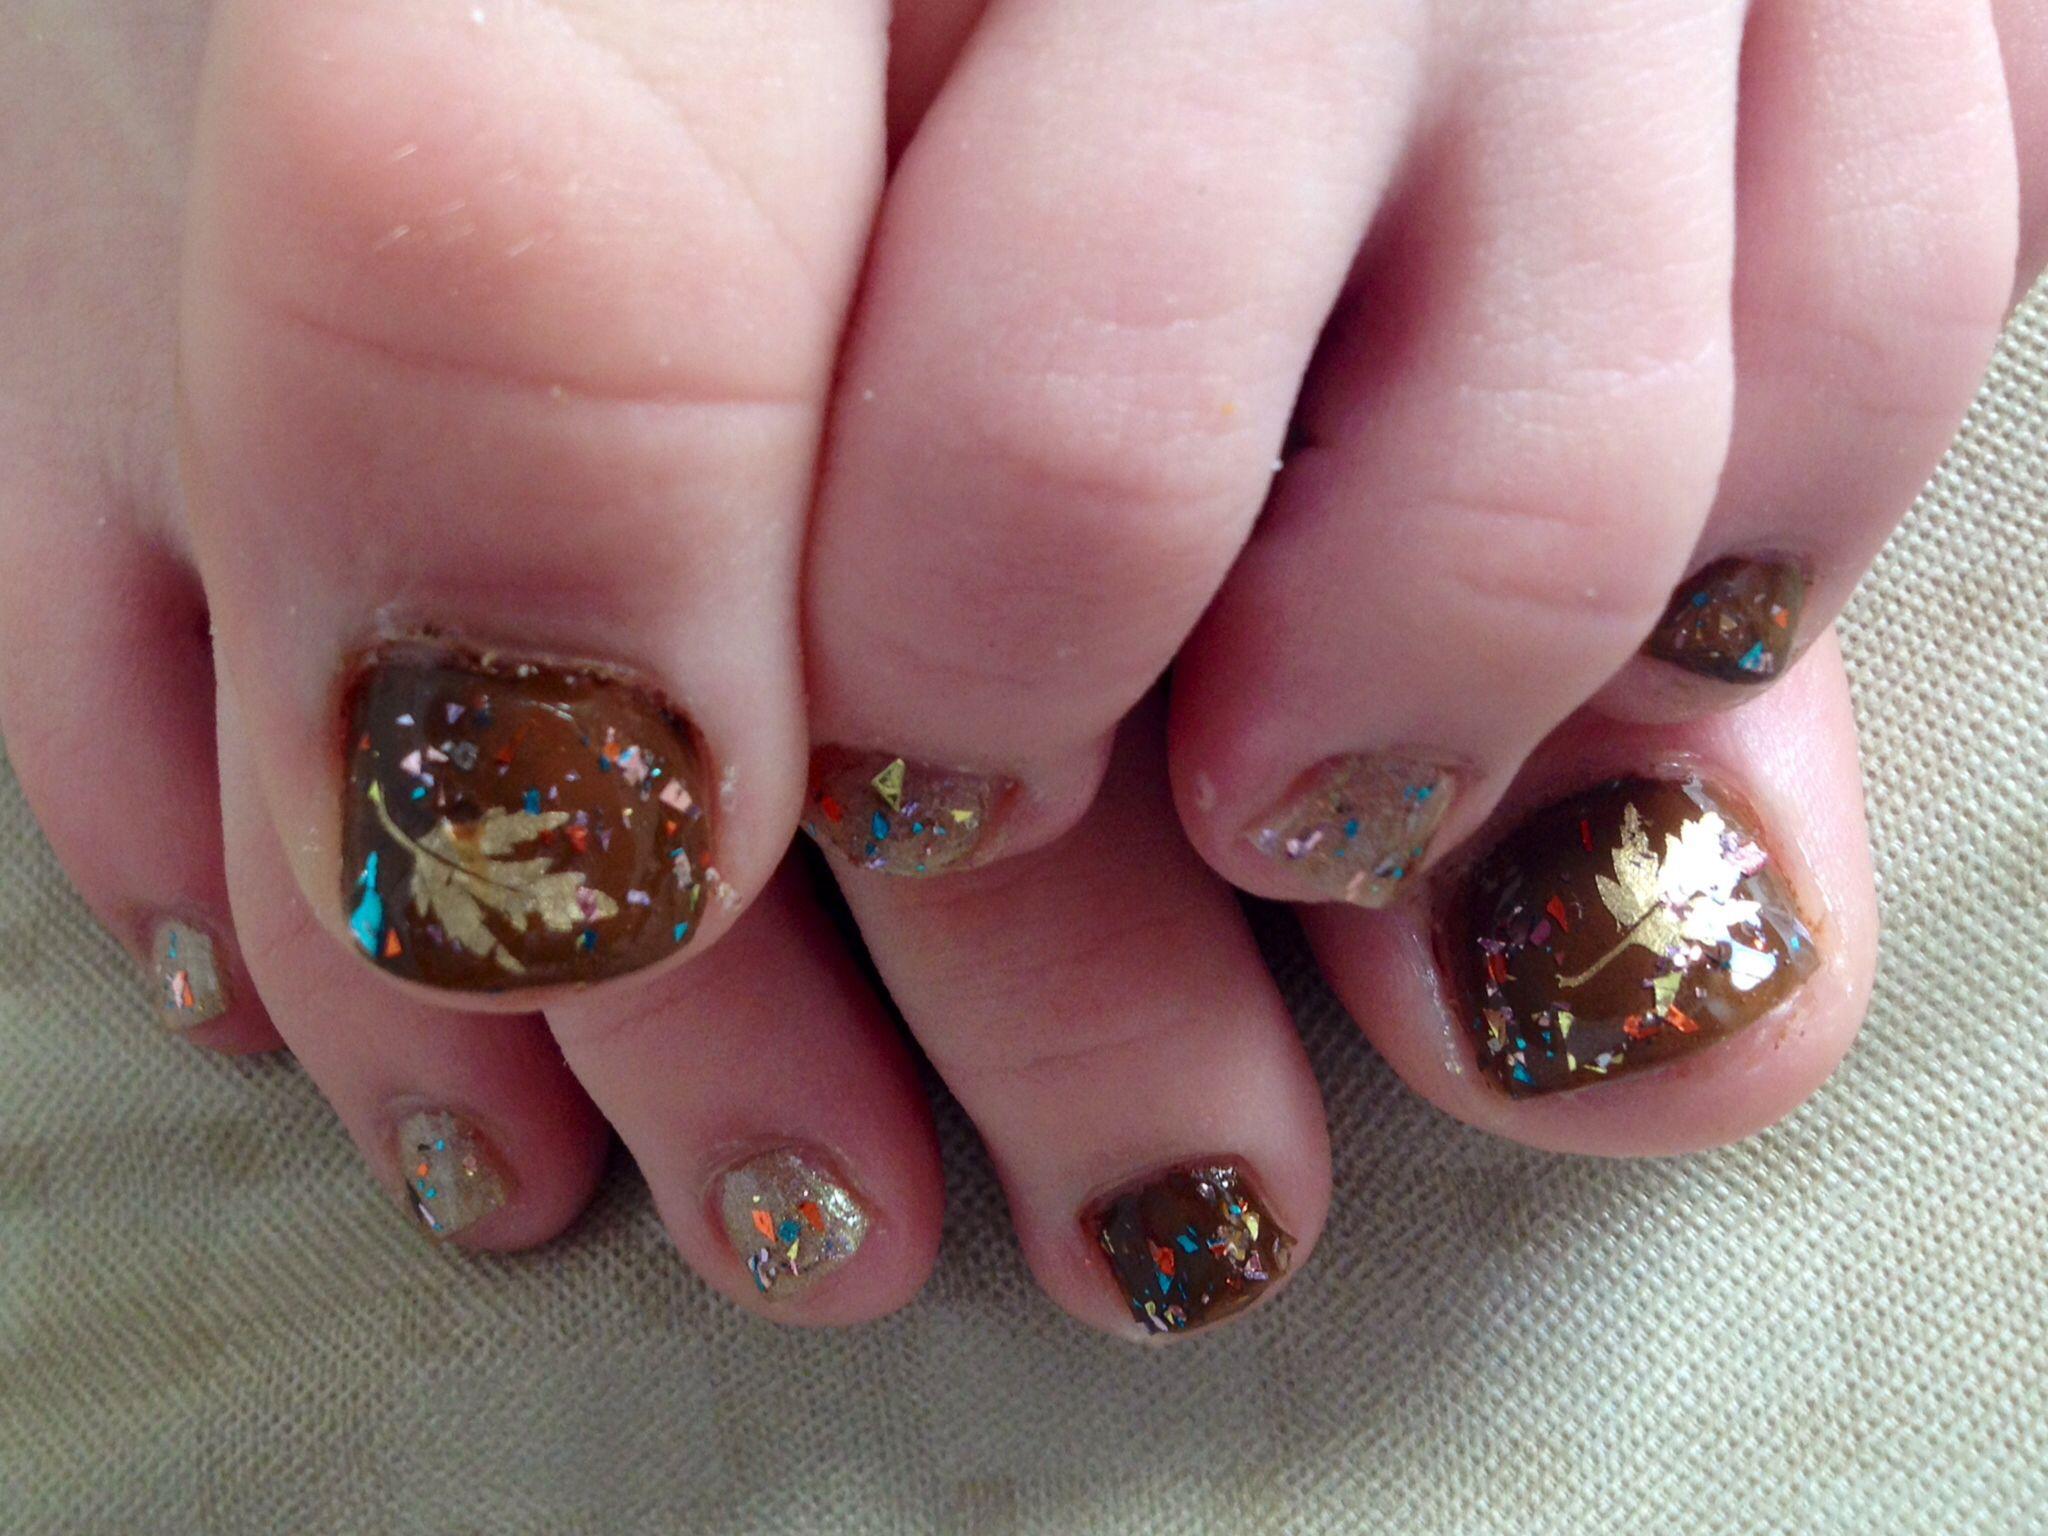 Fall Pedicure Designs Google Search Pretty Toe Nails Toe Nail Designs Cute Toe Nails